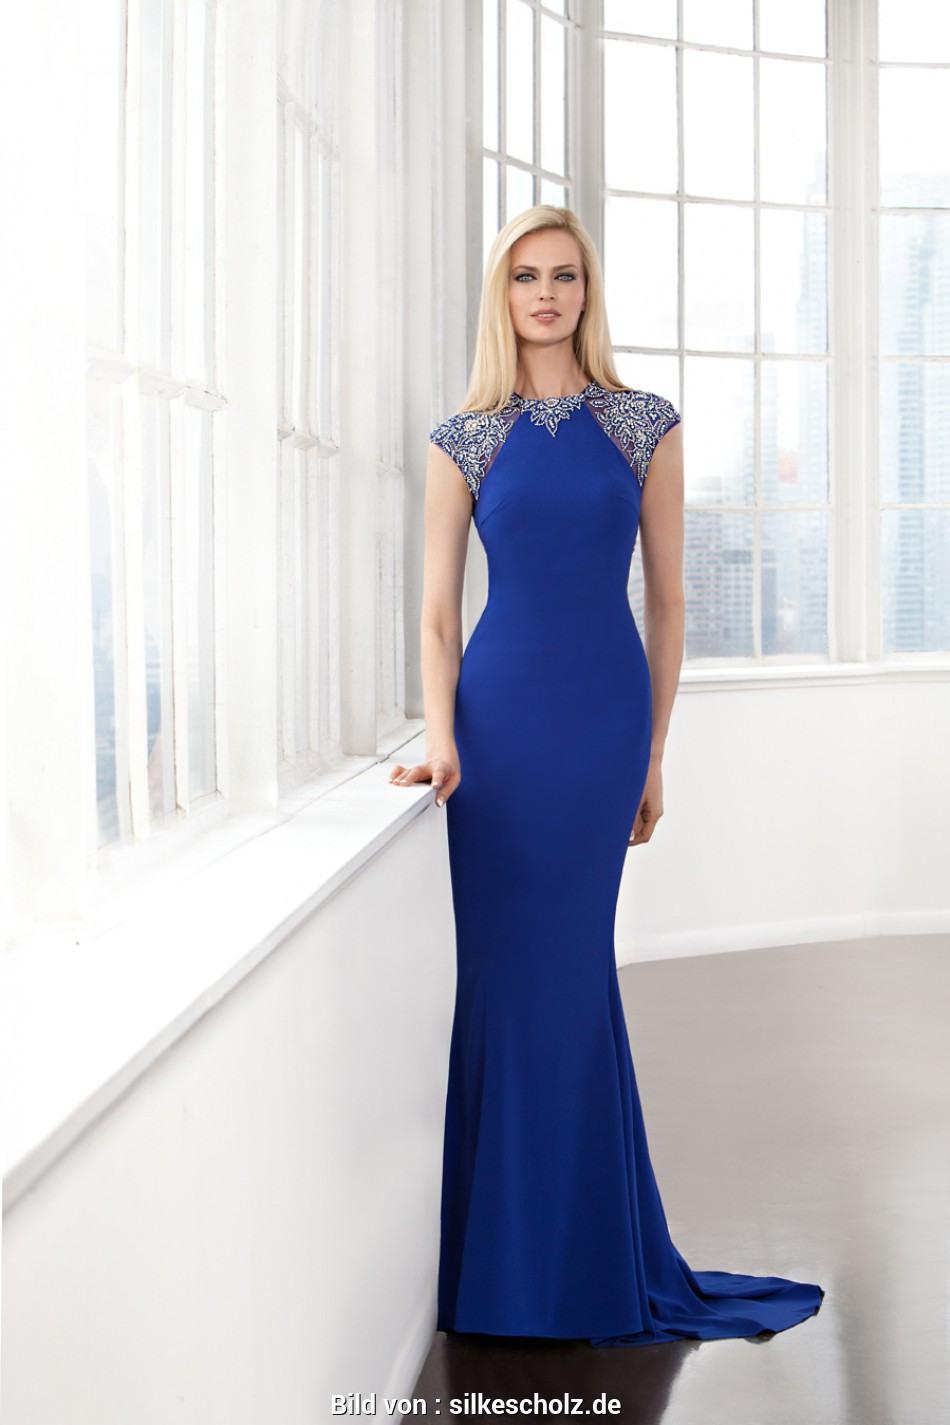 10 Großartig Abendkleider In Frankfurt Stylish17 Genial Abendkleider In Frankfurt Bester Preis